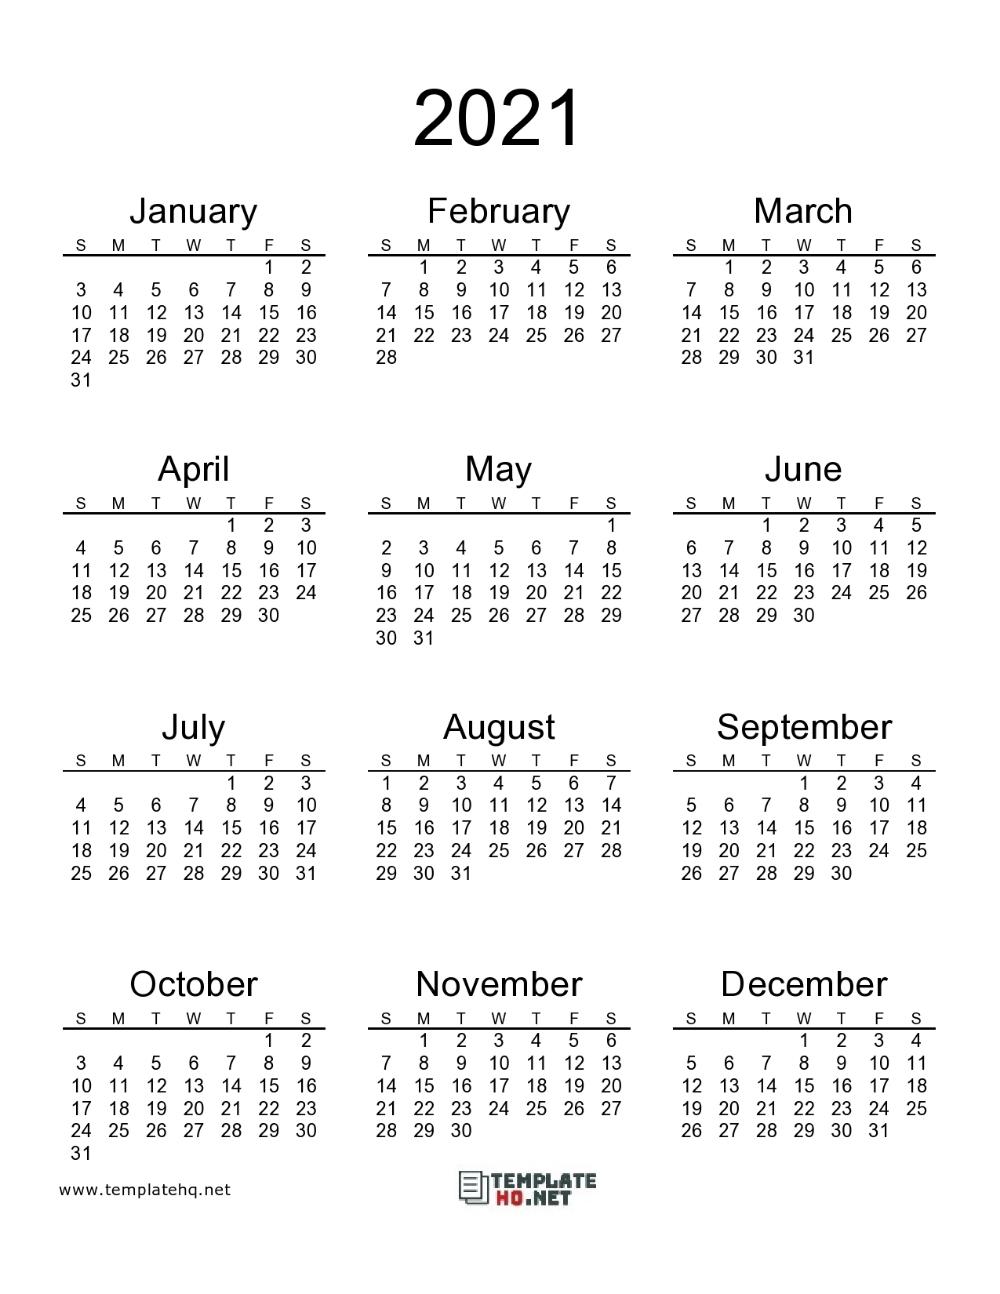 2021 Calendar Printable 00 In 2020 | Calendar Printables for Calendar 2021 Aramco